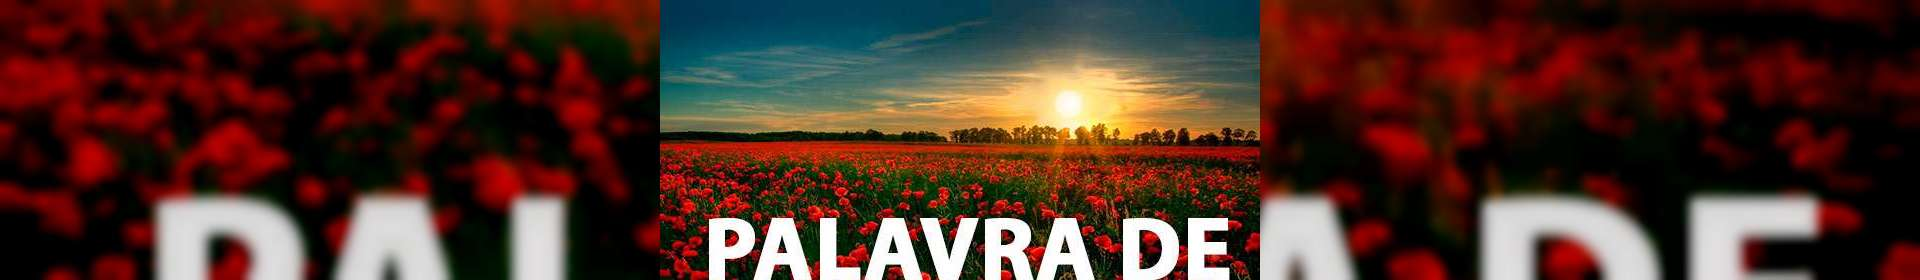 Salmos 91:1,2 - Uma Palavra de Esperança para sua vida